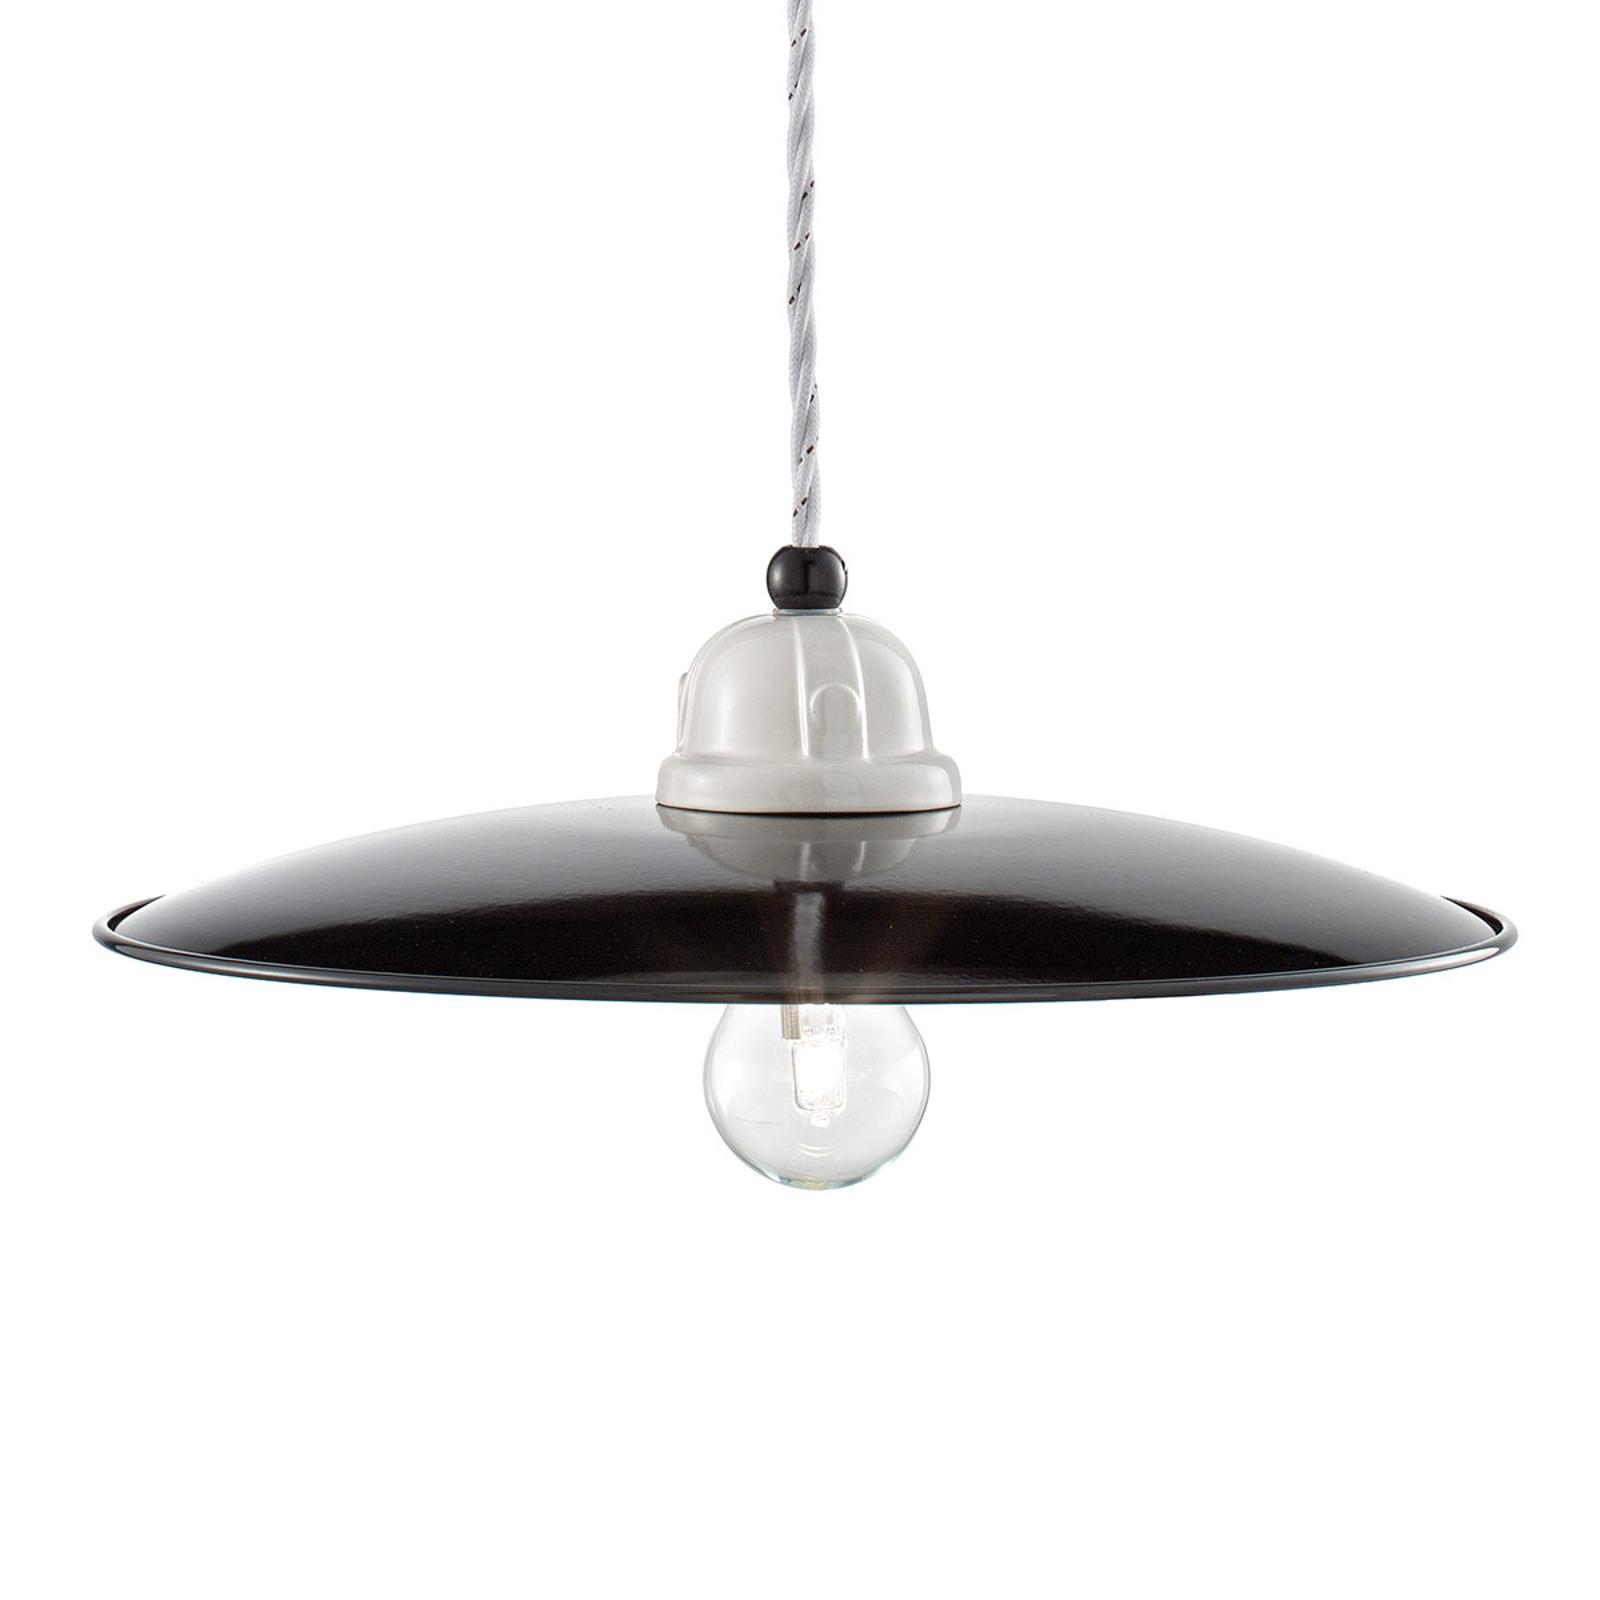 Lampa wisząca retro C1612, czarno-biała